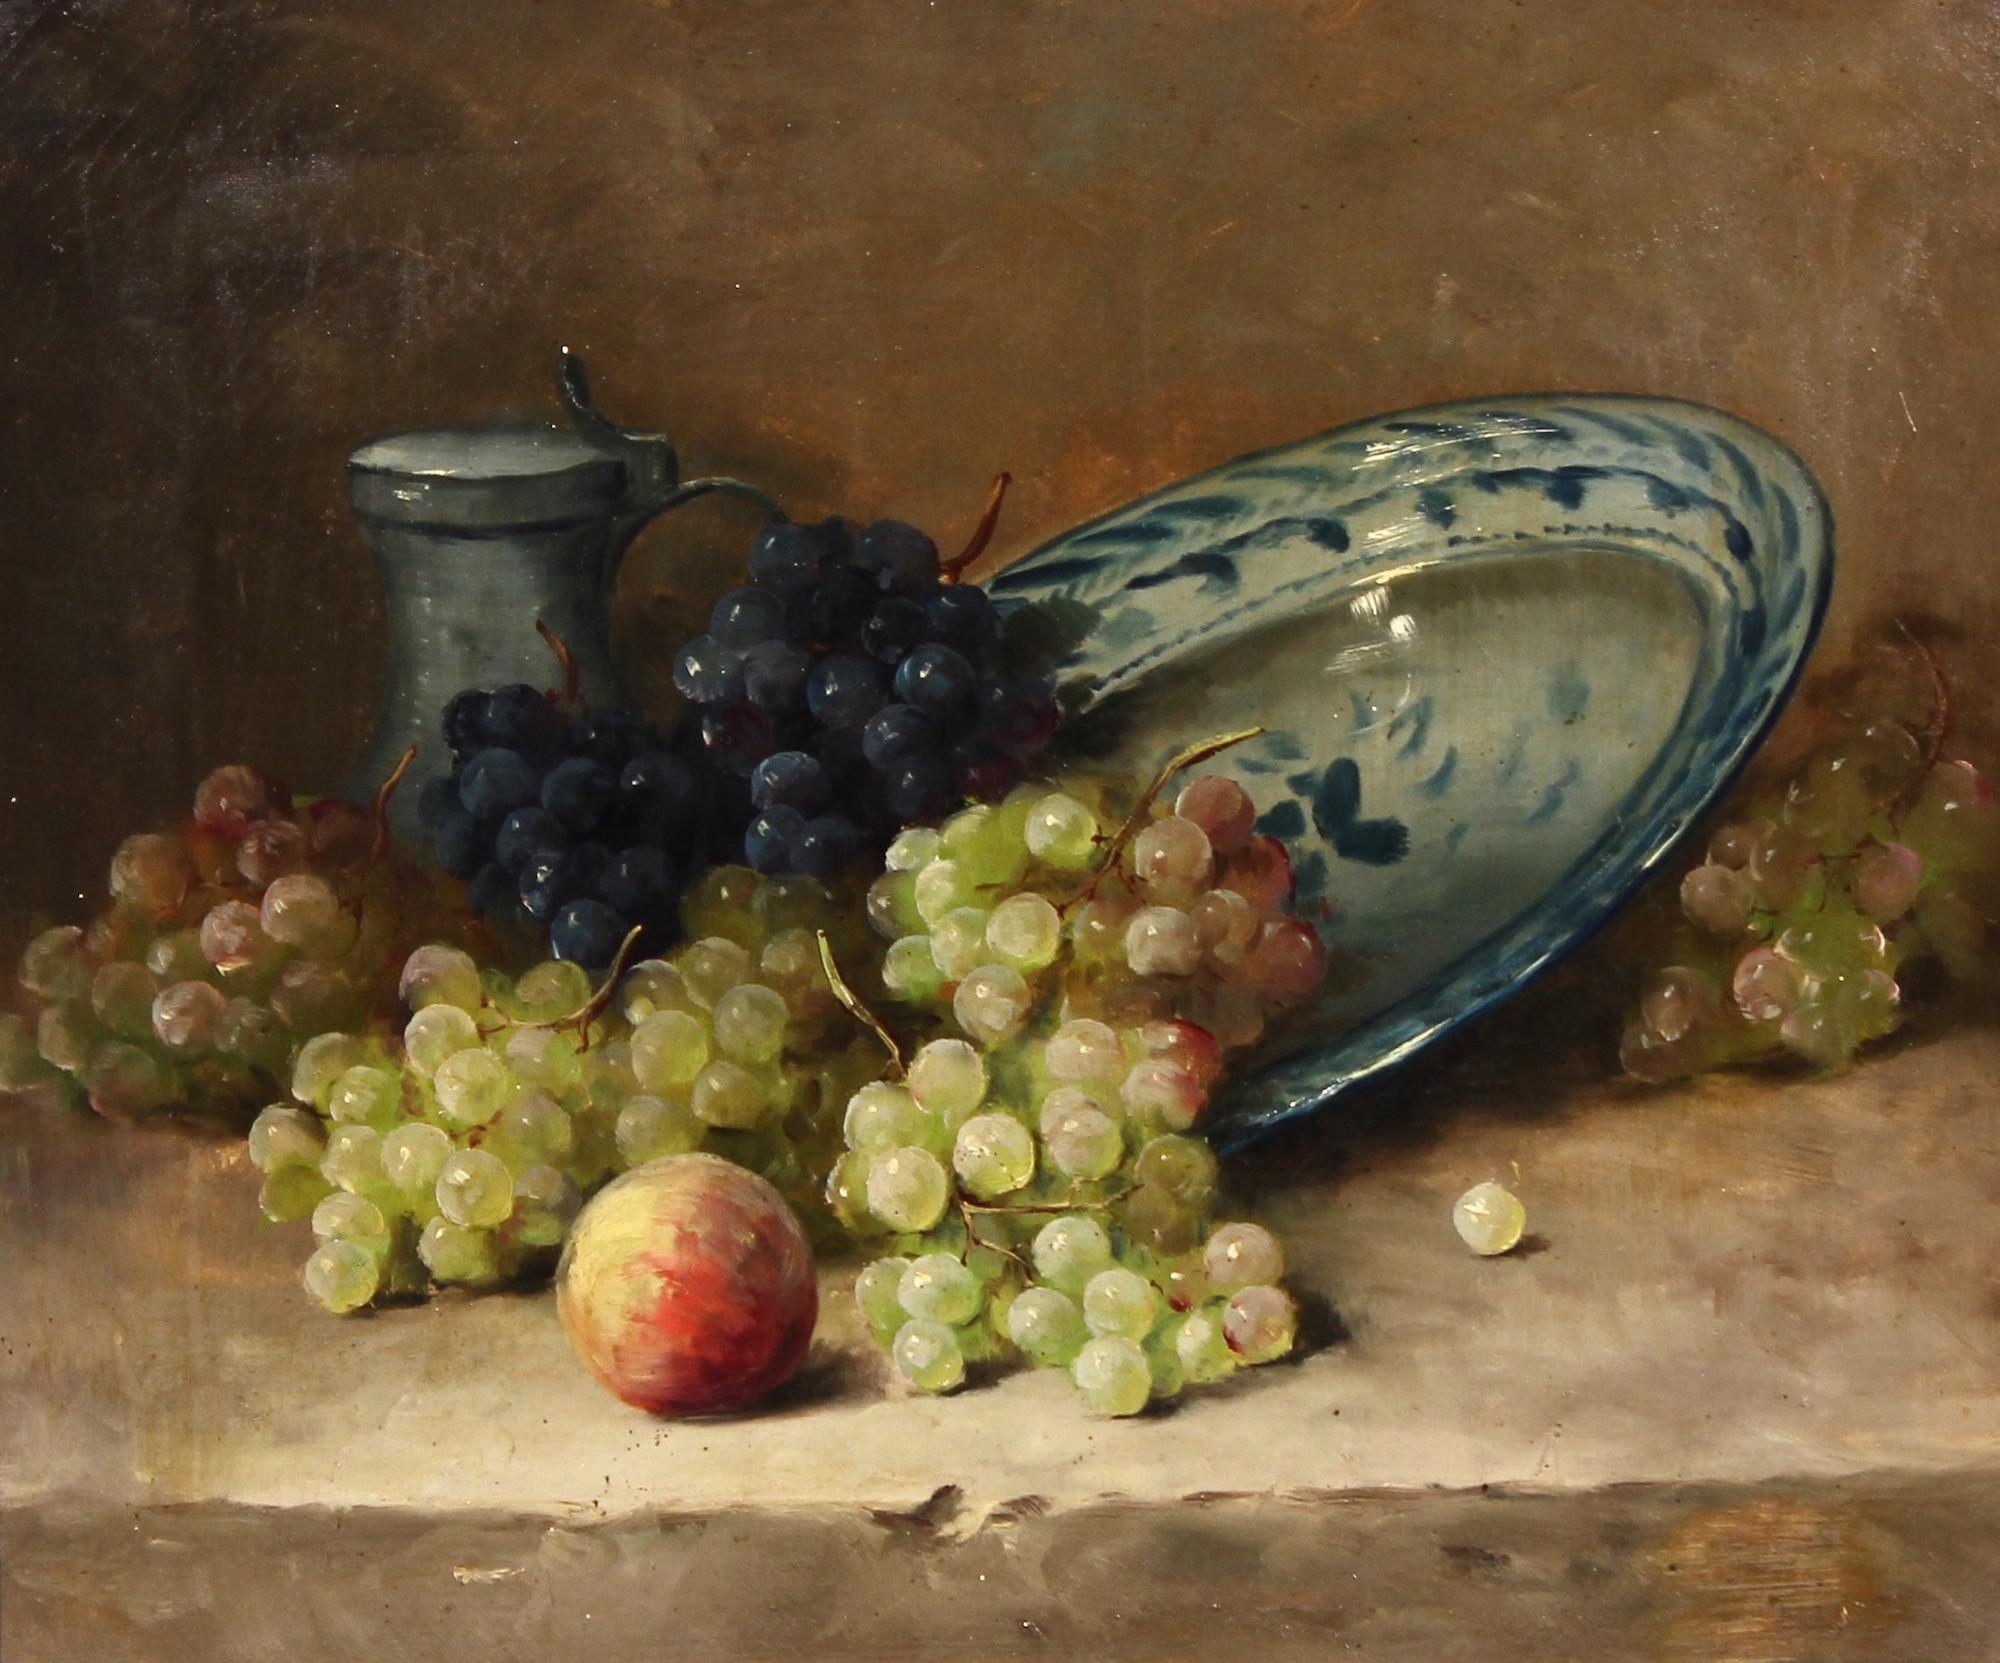 Натюрморт с фруктами. Франция, 19 век